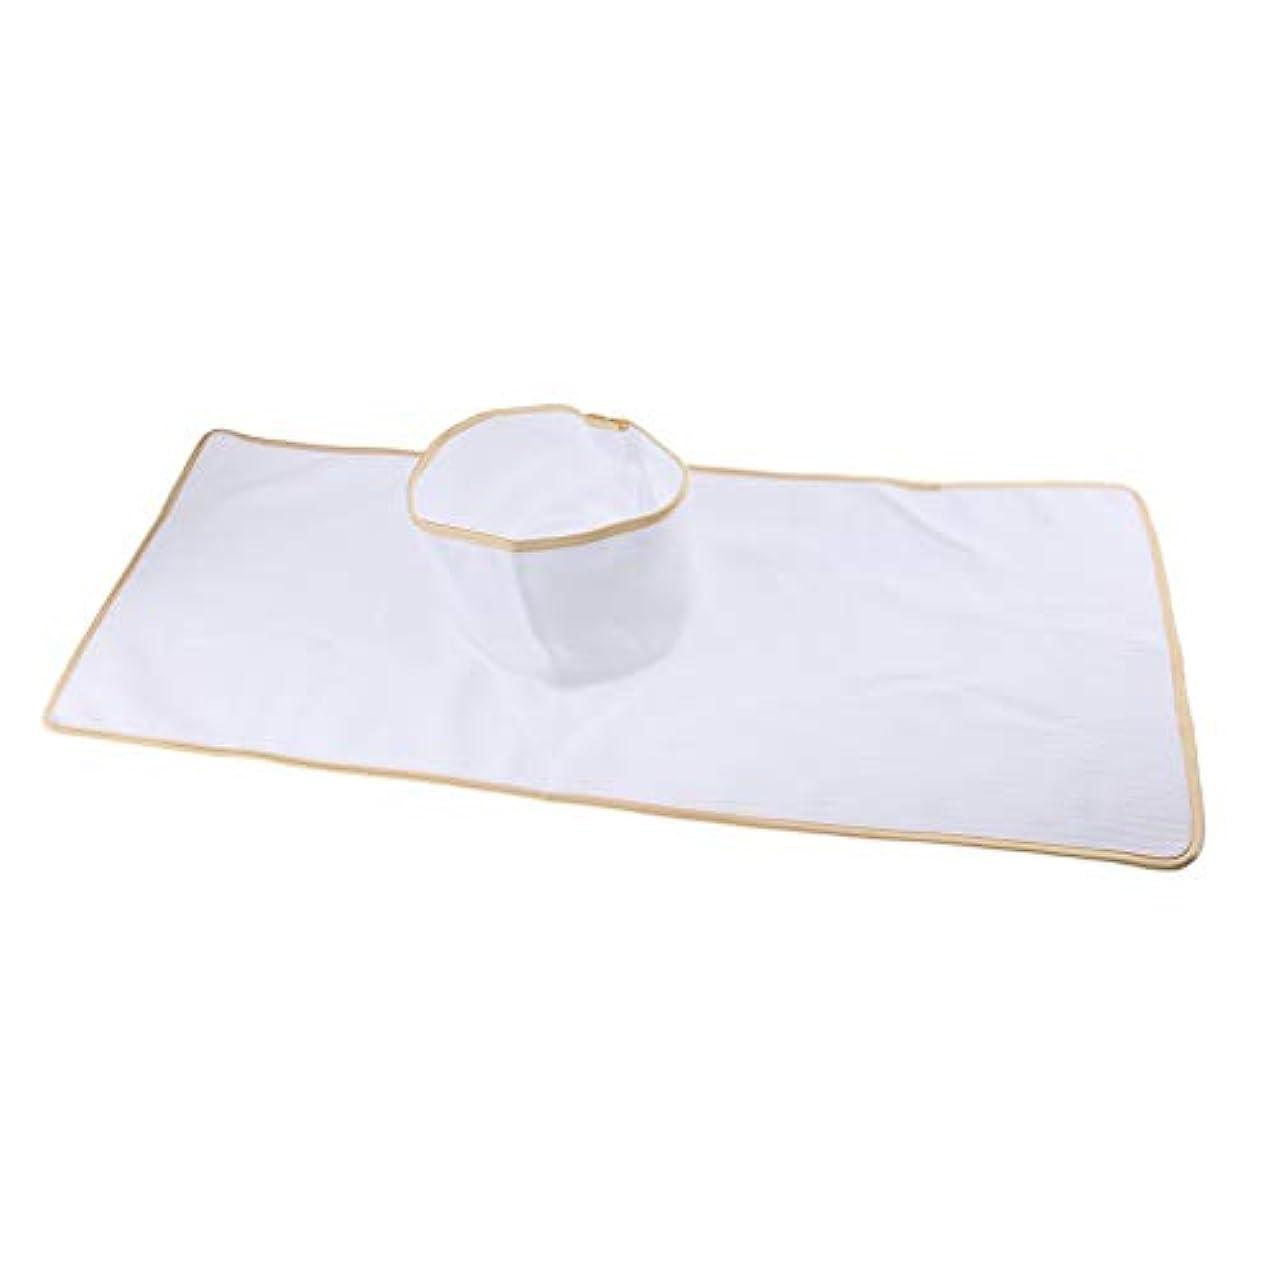 拡声器豊富なスクレーパーマッサージテーブルカバー シート パッド 顔の穴付き 再使用可能 約90×35cm 全3色 - 白